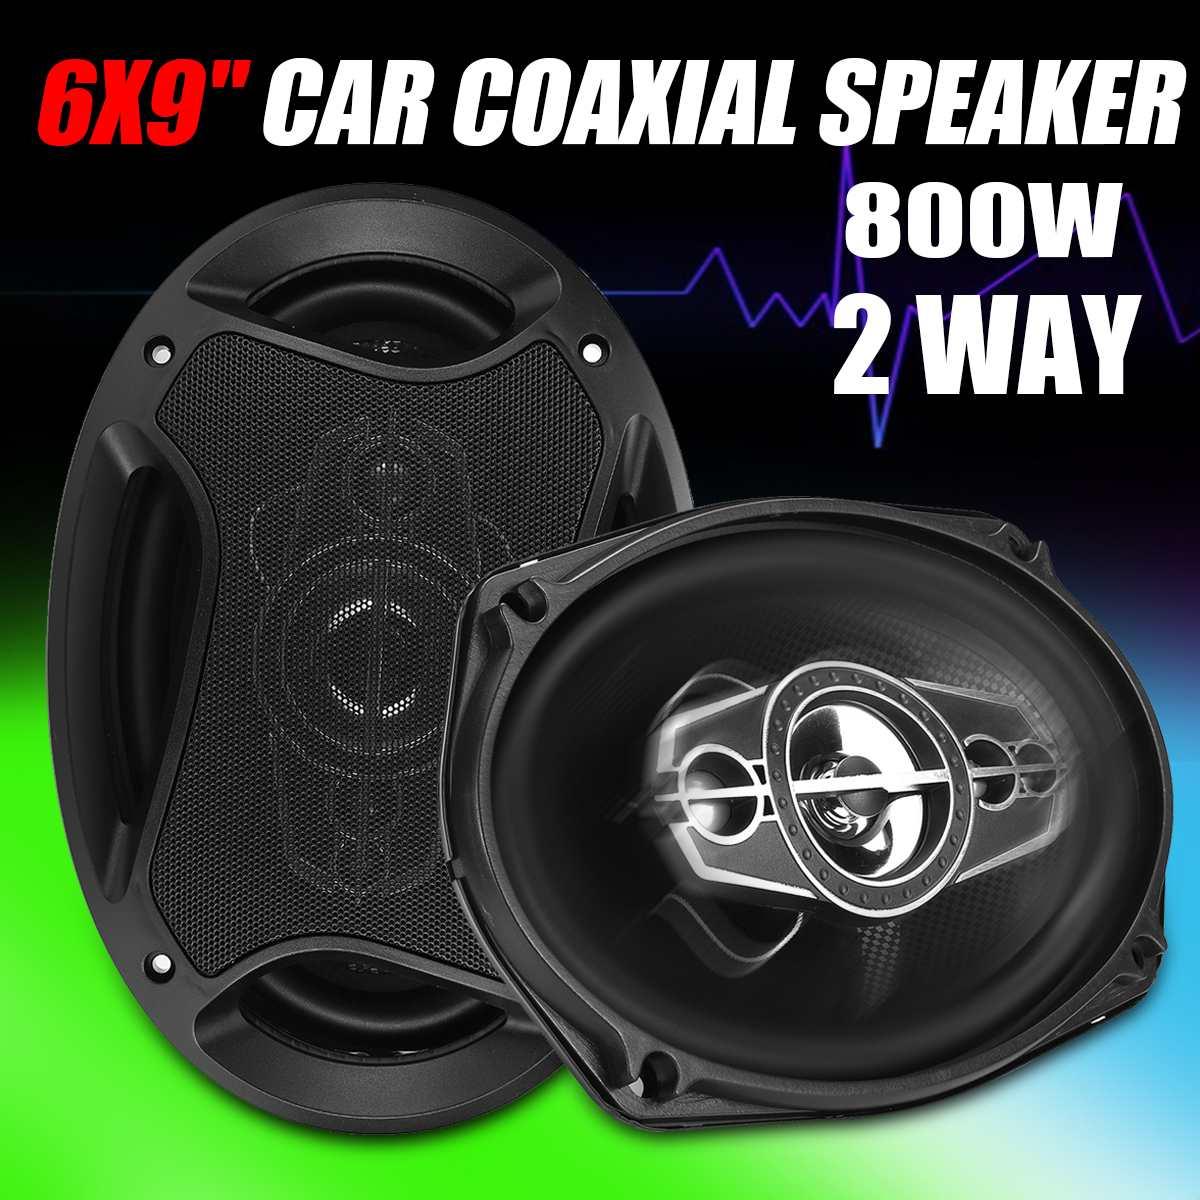 1 paire 6x9 pouces voiture haut-parleur 800 W universel voitures HIFI Coaxial haut-parleur Subwoofer voiture basse Tweeter Audio haut-parleur stéréo haut-parleurs